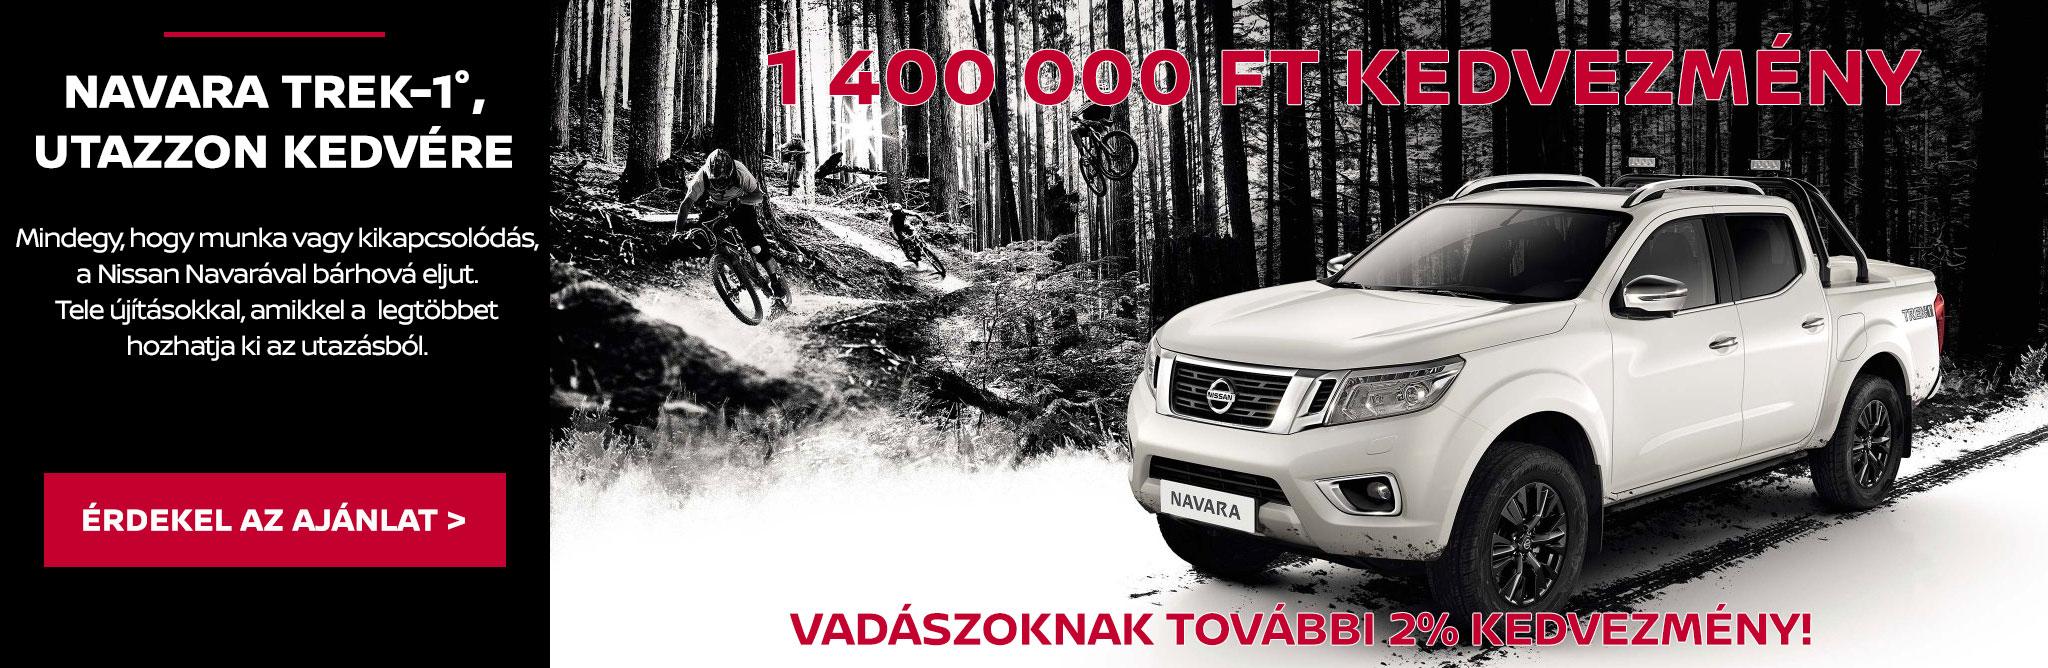 Navara Trek-1°: 1 400 000 Ft kedvezmény + Vadászoknak további 2% kedvezmény!